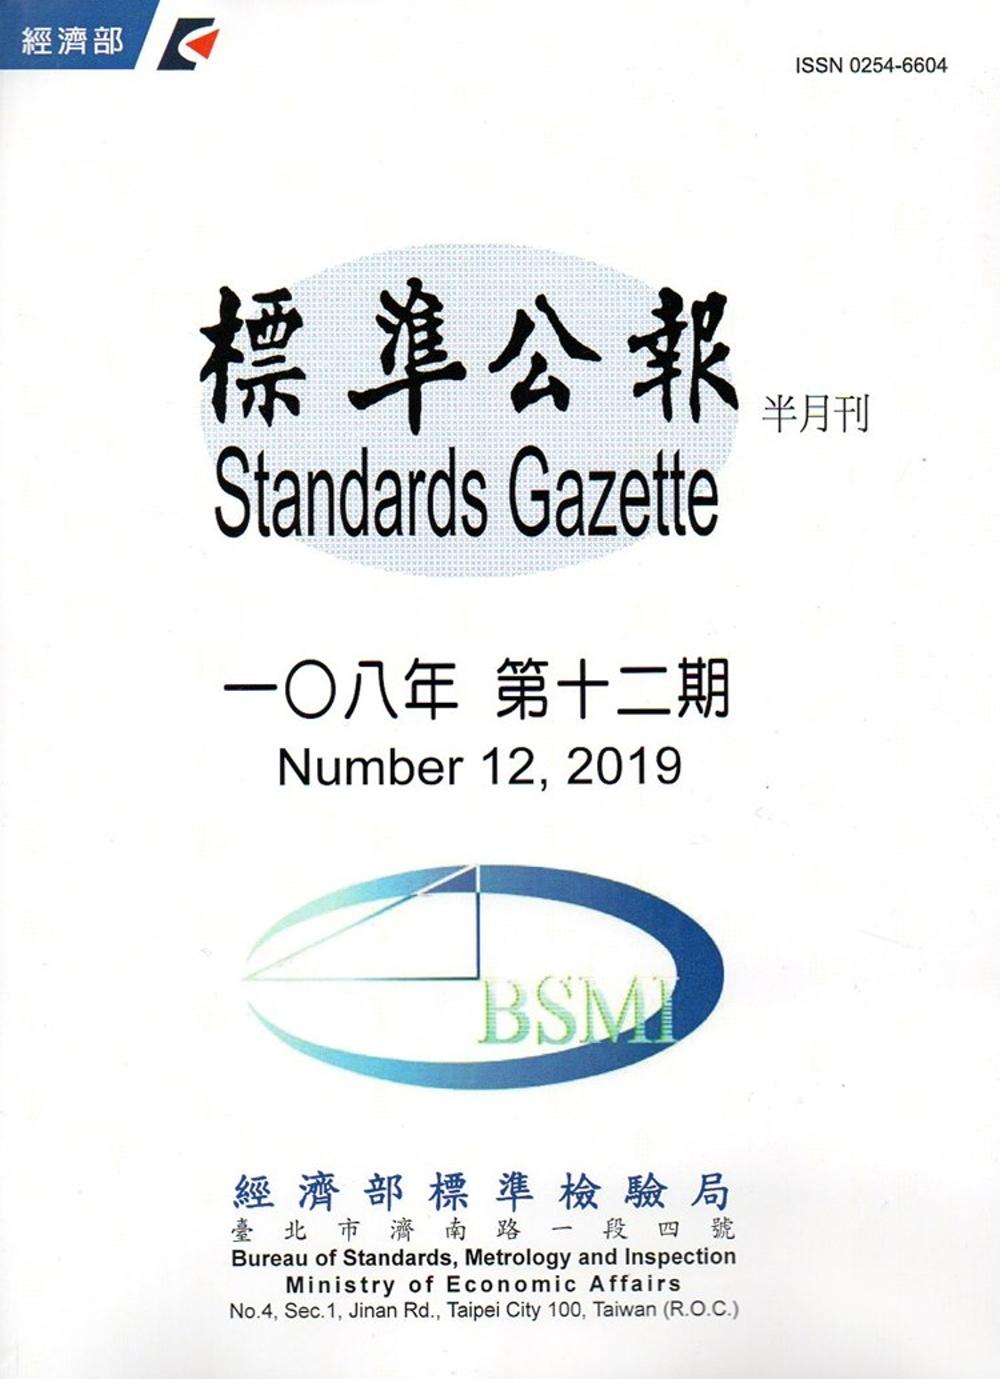 標準公報半月刊108年 第十二期